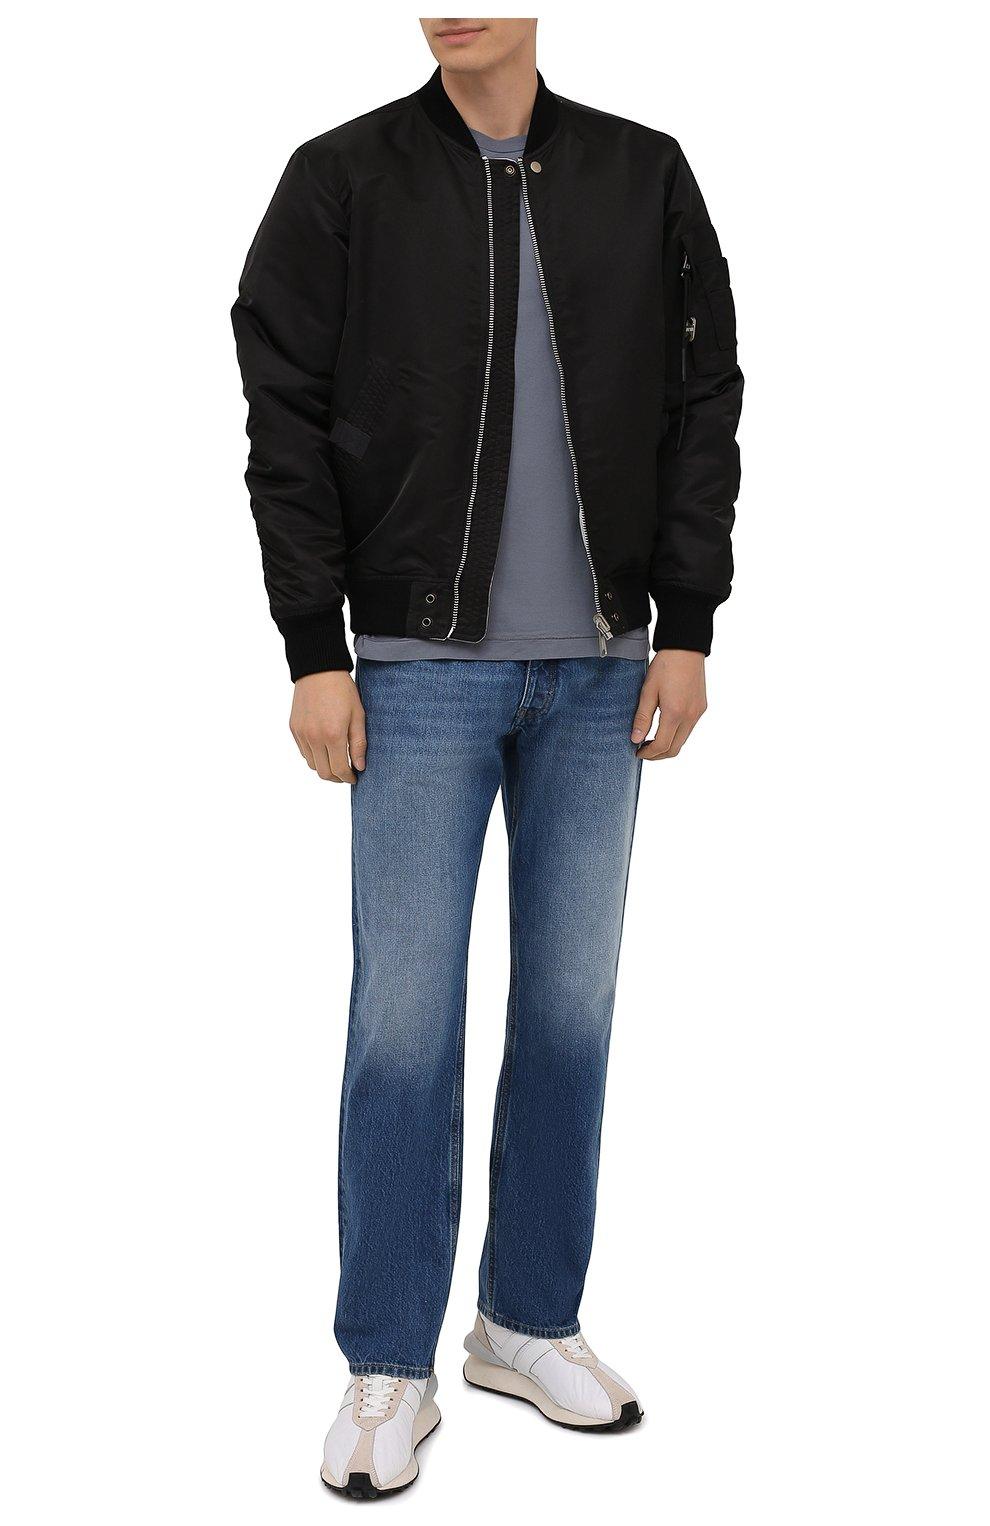 Мужская хлопковая футболка STONE ISLAND серого цвета, арт. 751524113   Фото 2 (Принт: Без принта; Рукава: Короткие; Длина (для топов): Стандартные; Материал внешний: Хлопок; Стили: Кэжуэл)